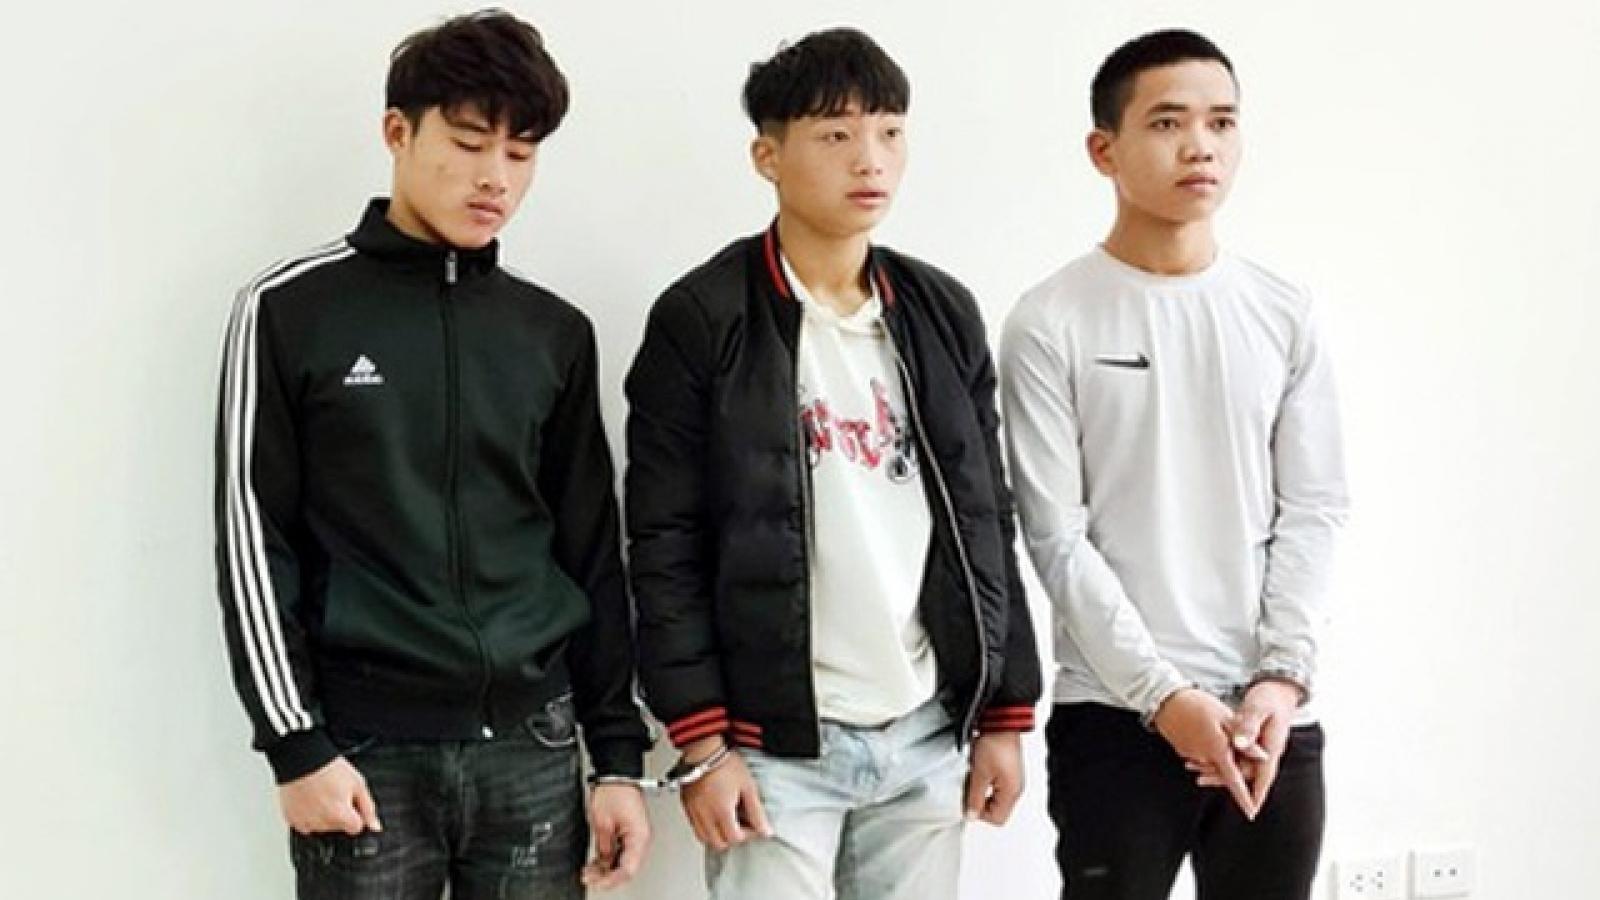 Thiếu tiền đi hát karaoke, 3 gã thợ sơn cướp giật điện thoại